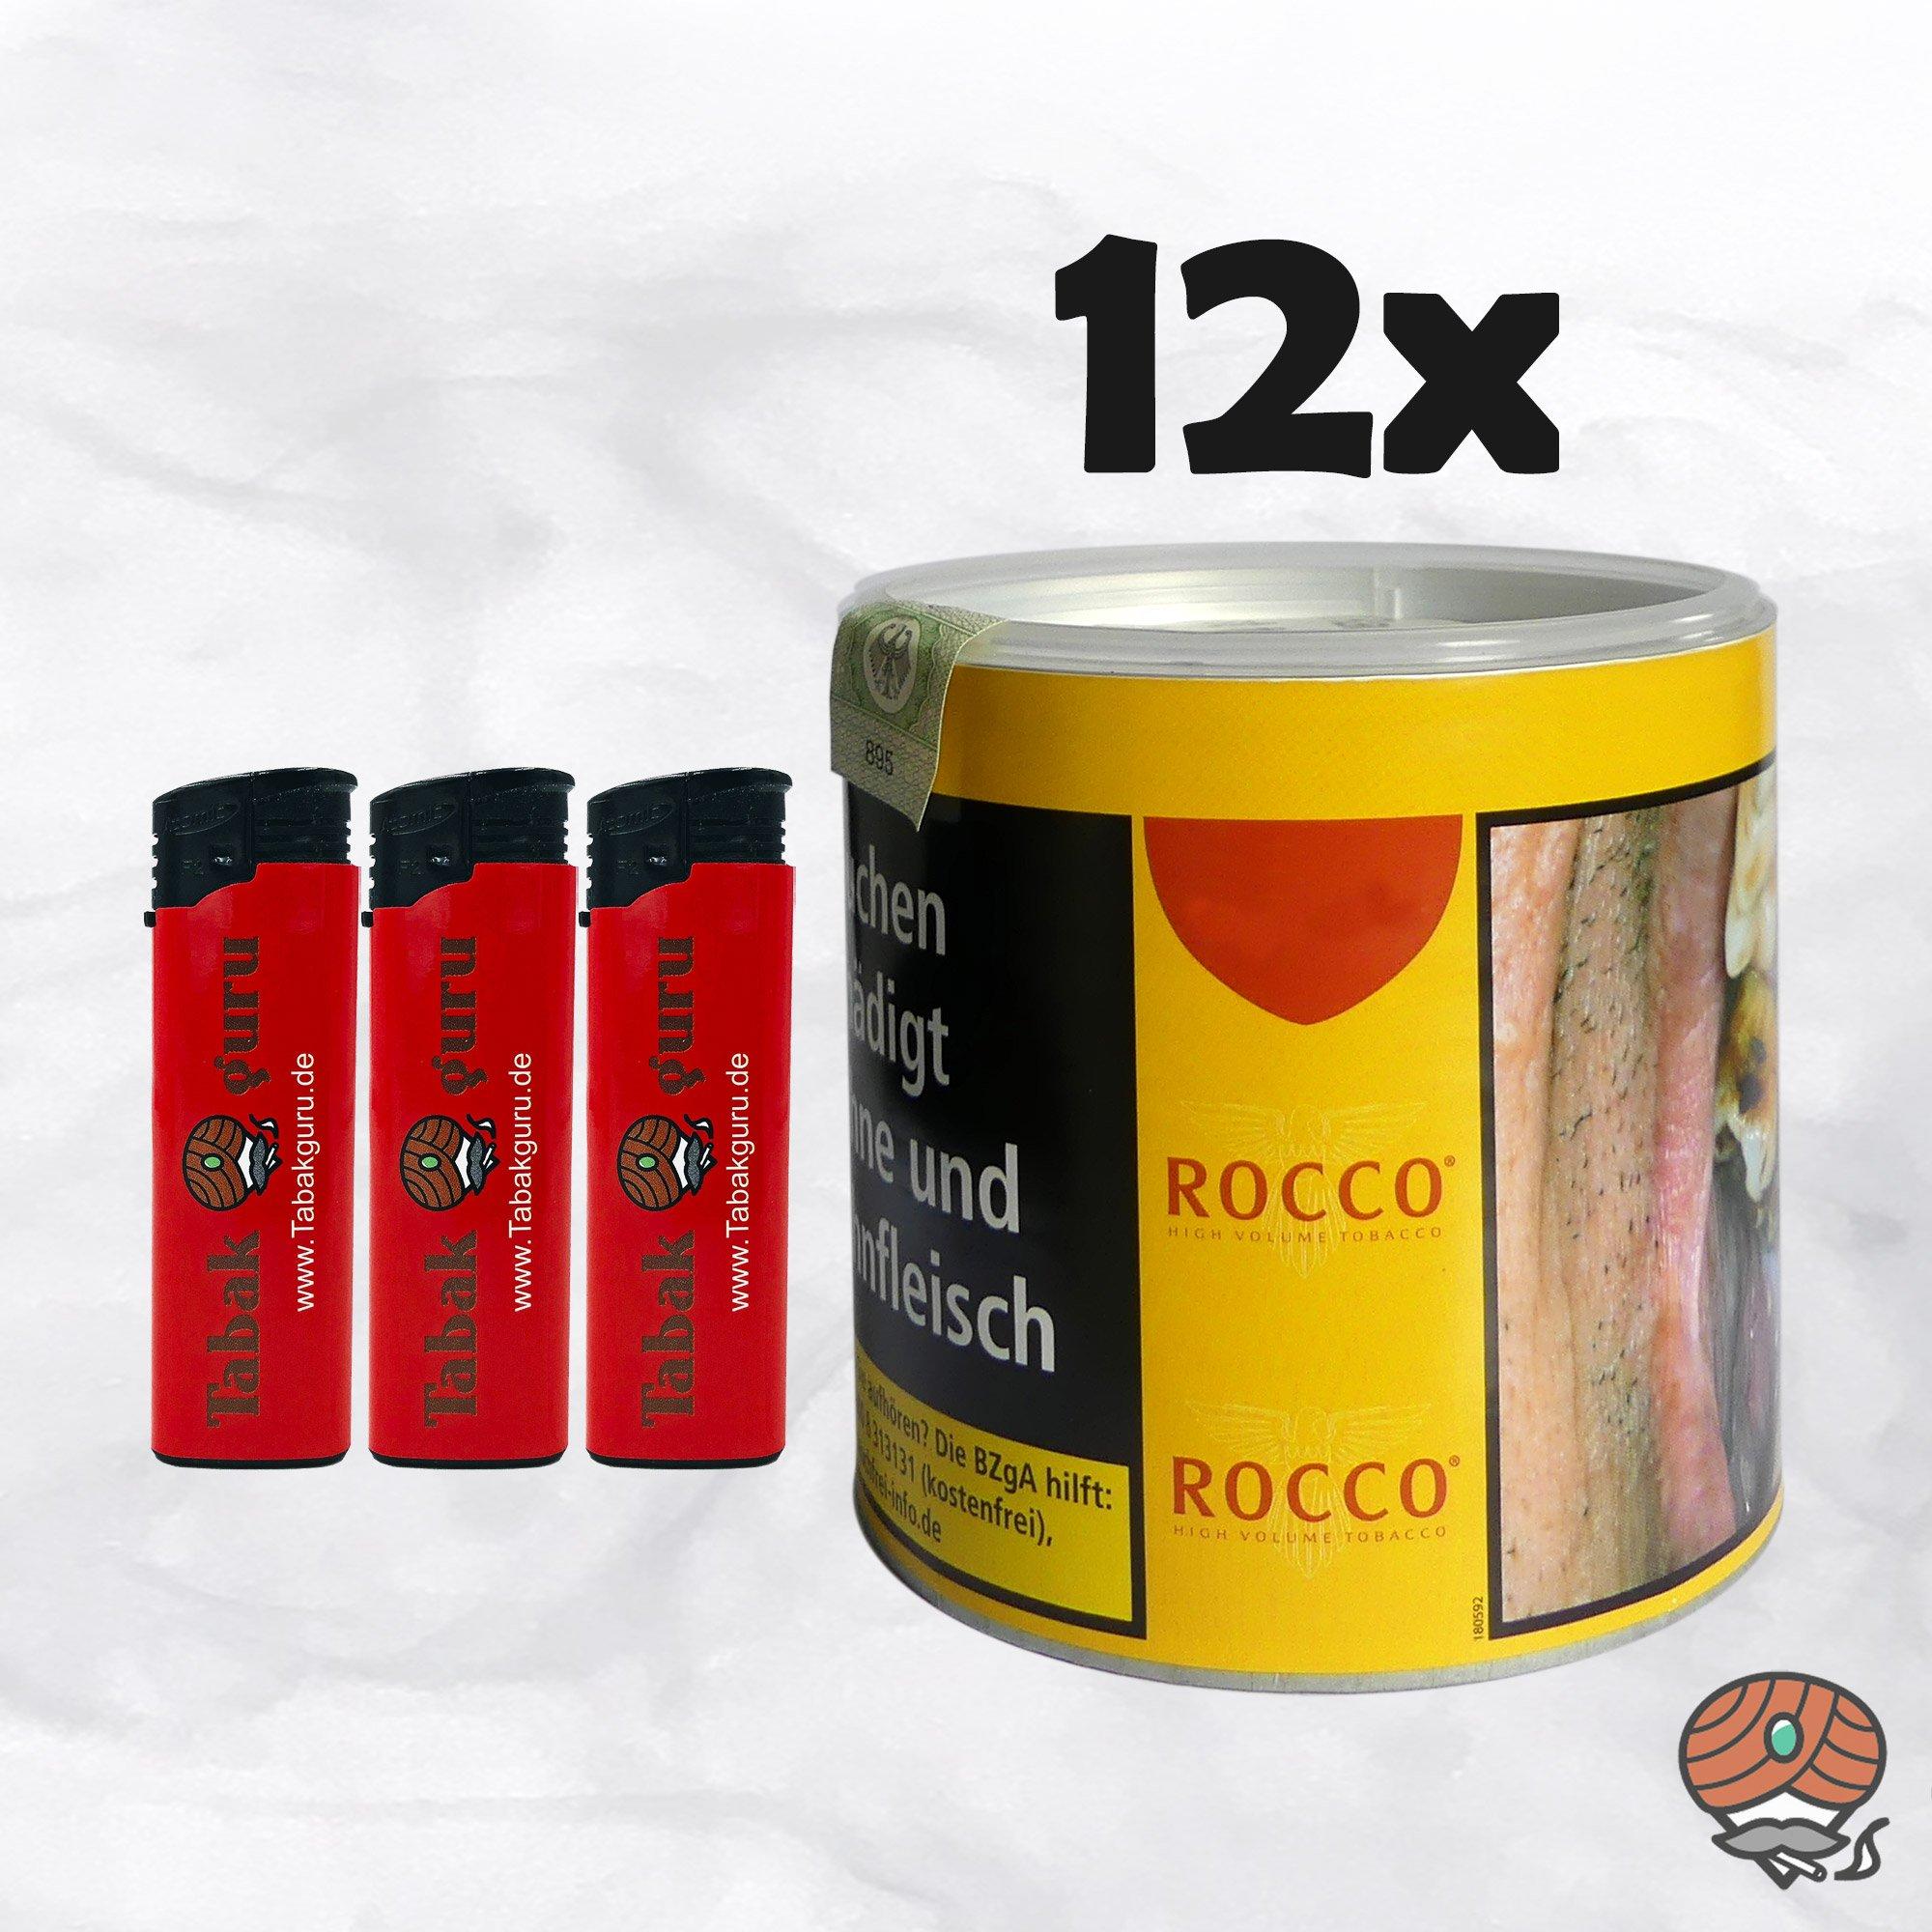 12 x ROCCO Tabak / Volumentabak Gelb Dose 35 g + Feuerzeuge